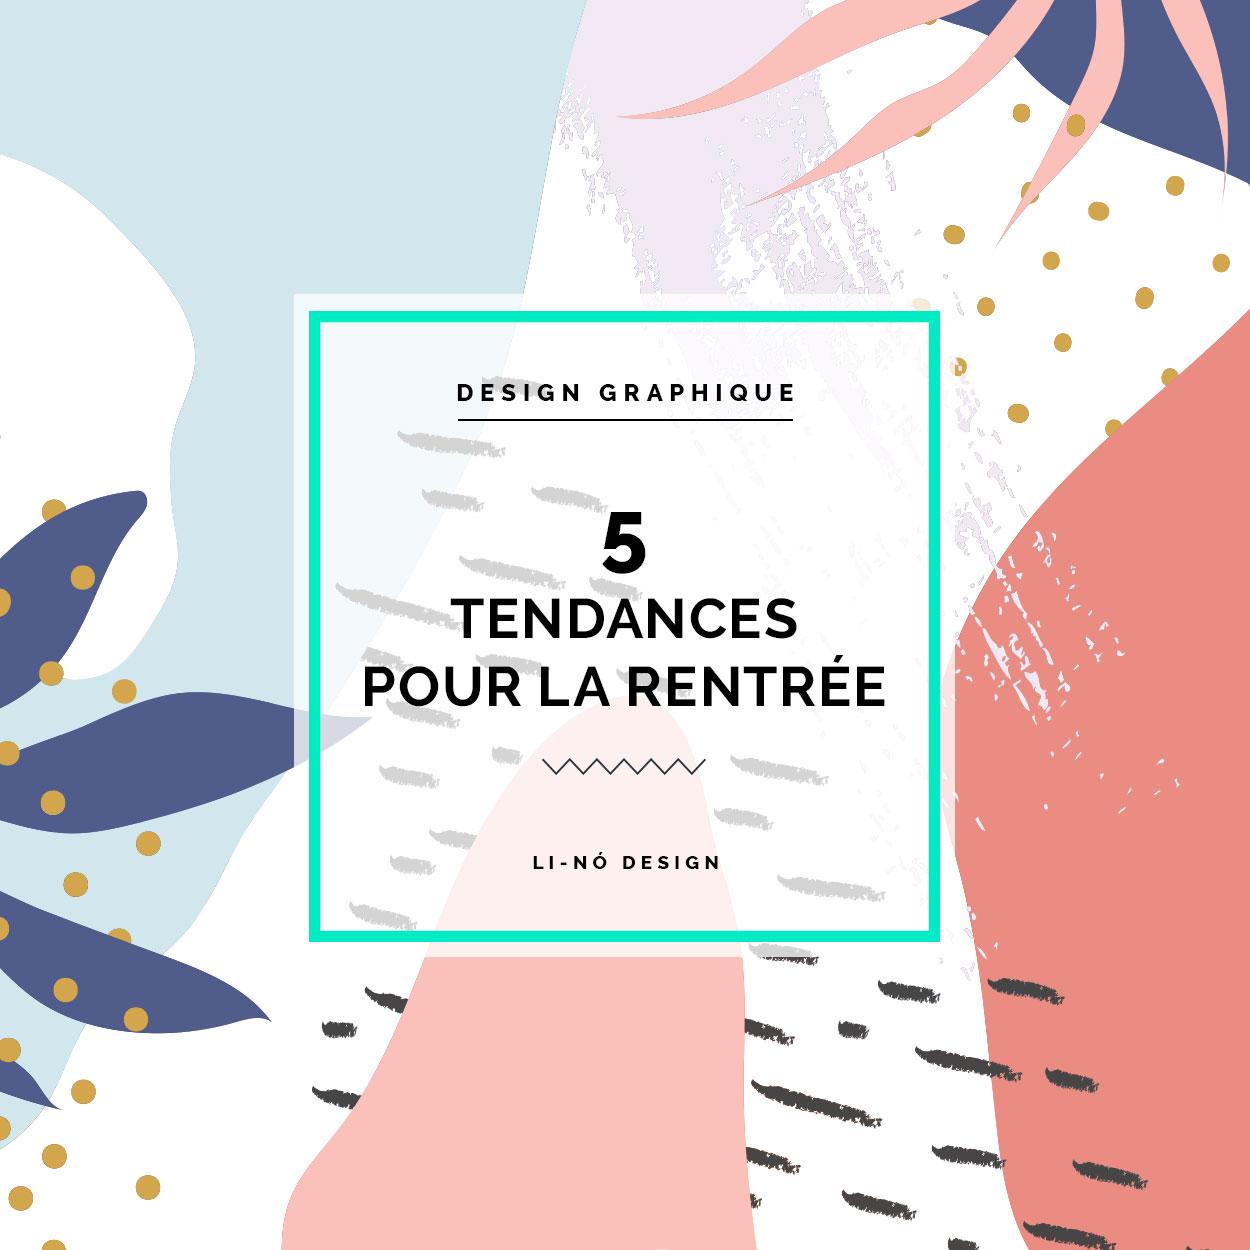 Les 5 tendances en design graphique pour la rentrée 2019 Li-Nó Design